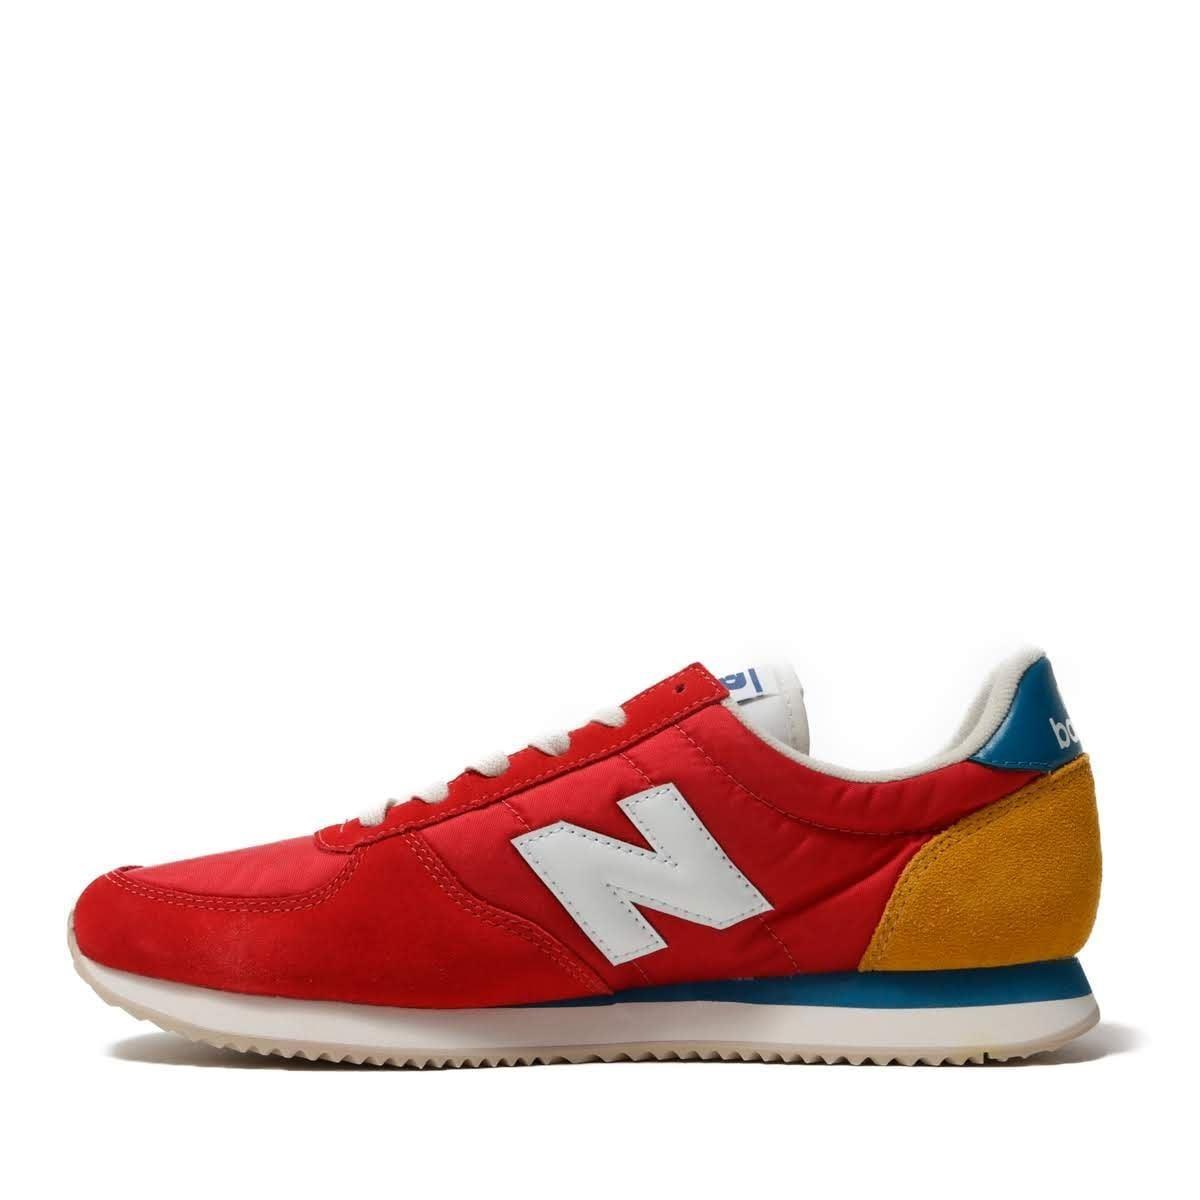 Buty New Balance NBU220FH NBU220FH r 45,5